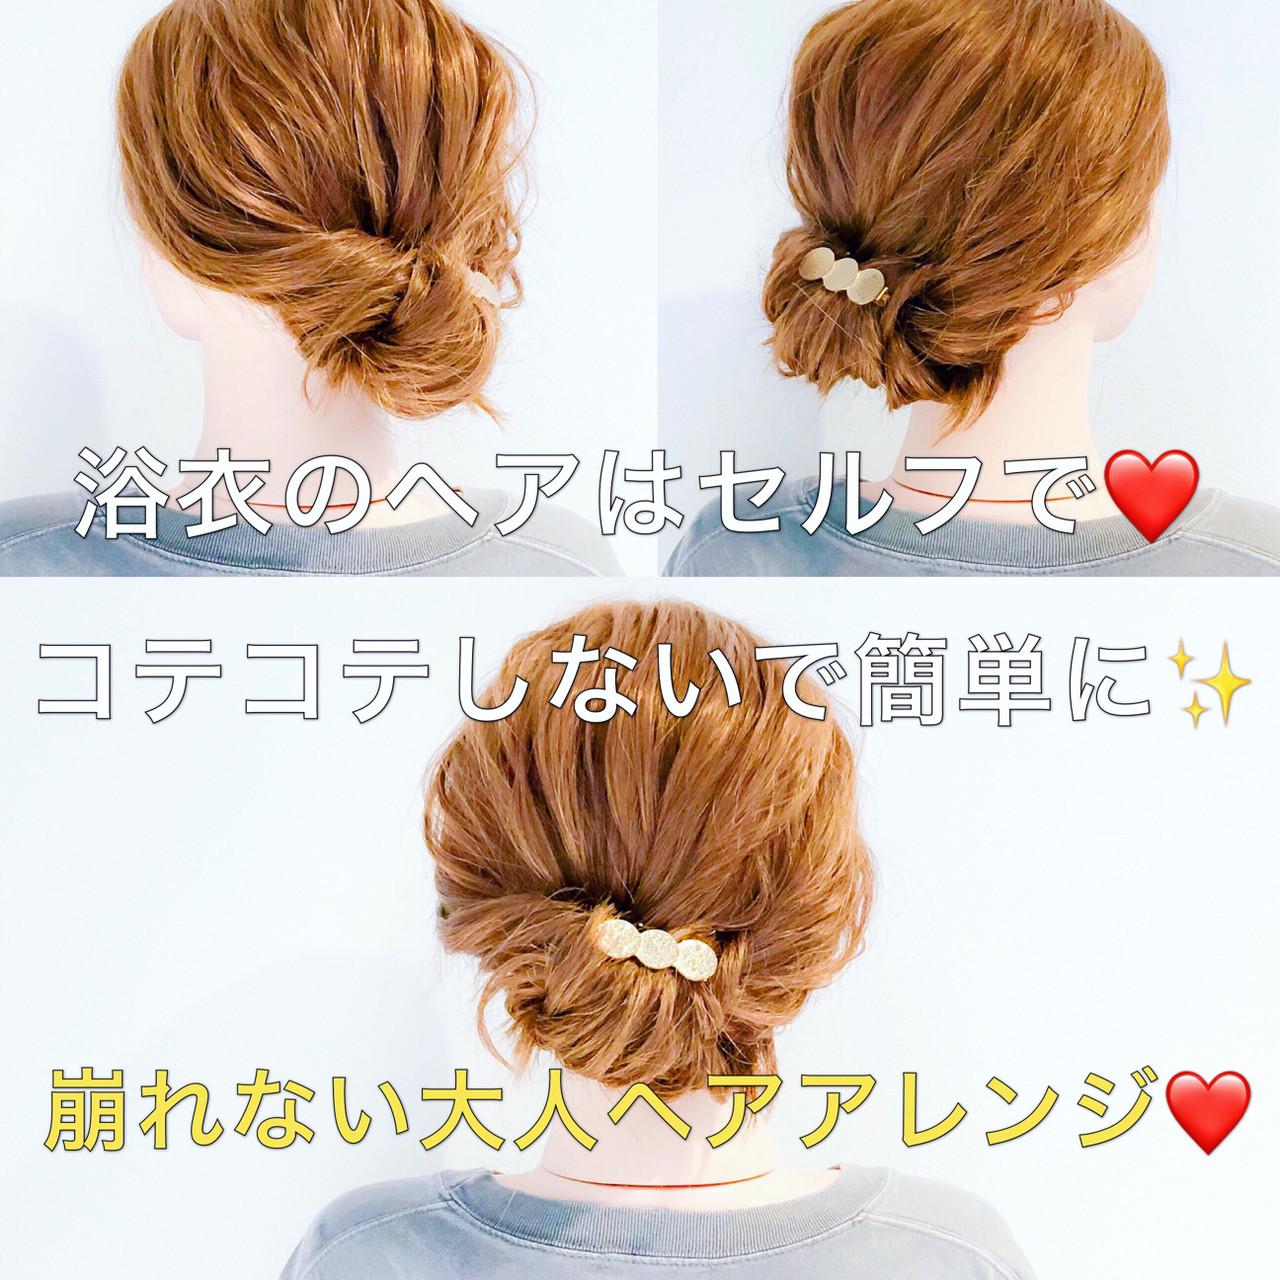 ヘアアレンジ セミロング 浴衣ヘア 簡単ヘアアレンジ ヘアスタイルや髪型の写真・画像